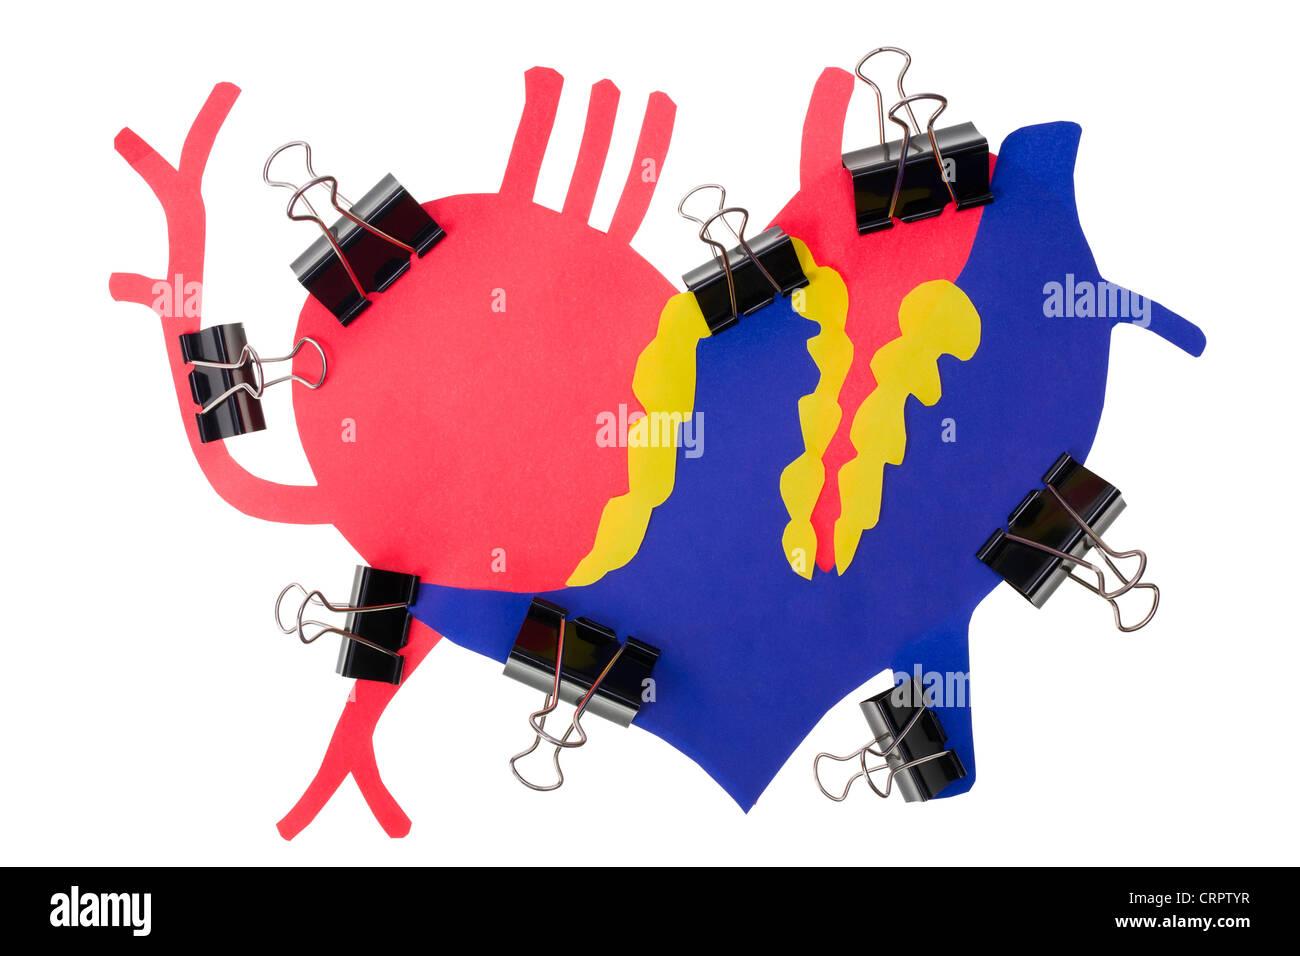 Infarto miocardico concetto del cuore umano. Un attacco di cuore. Cuore di carta colorata con una superficie ruvida è compressa st Foto Stock